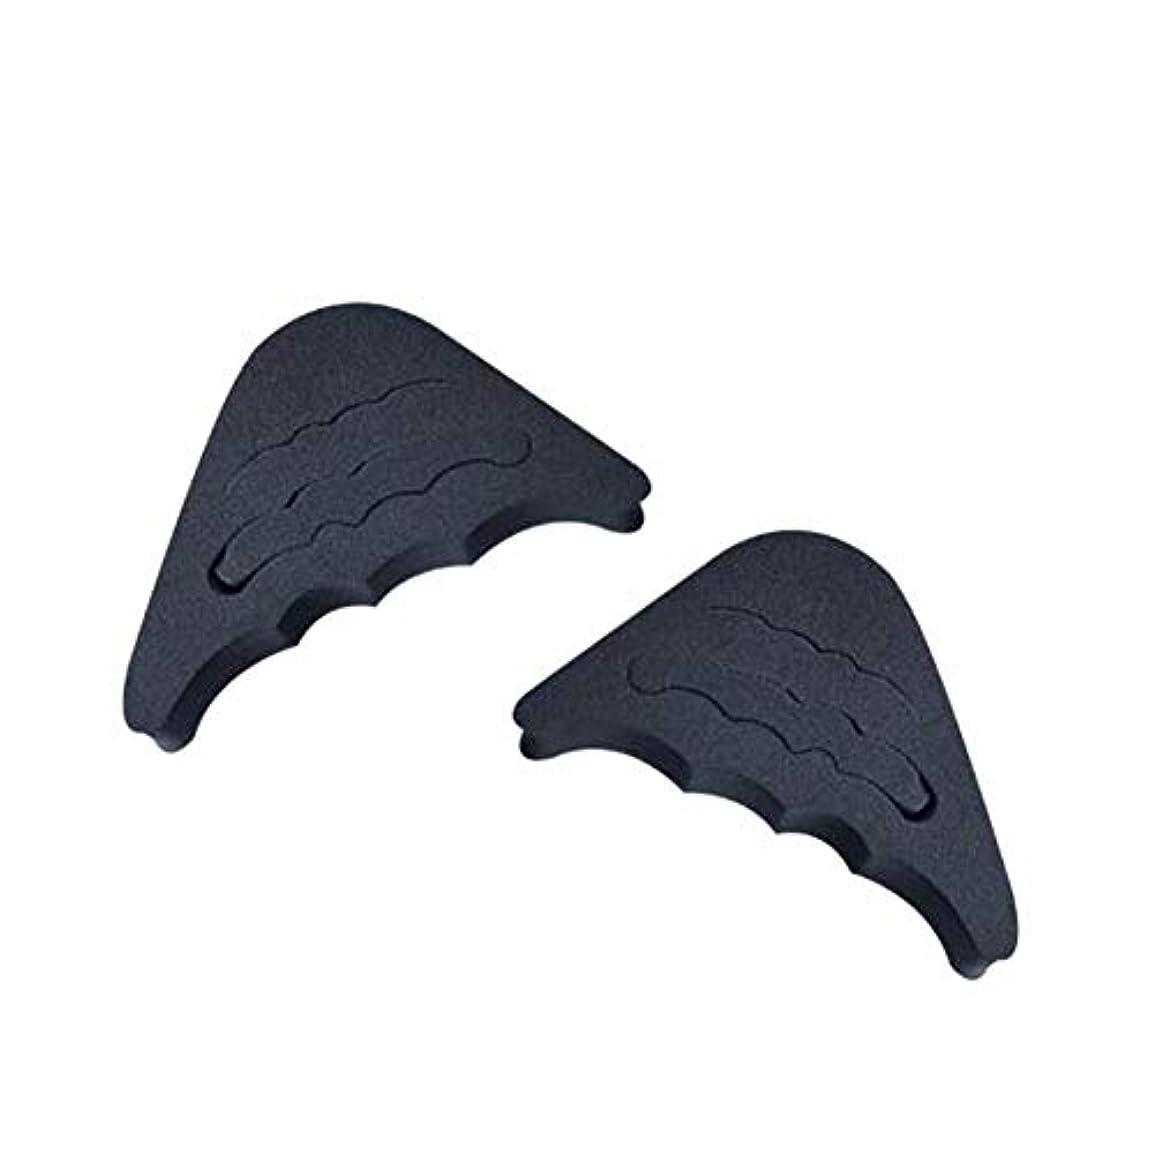 光沢サリー運動する前足インサート1ペアプロテクターゴム製柔らかい靴フィラーつま先プラグ痛みの軽減再利用可能なフロントクッション調整人間工学に基づいた洗える(黒)